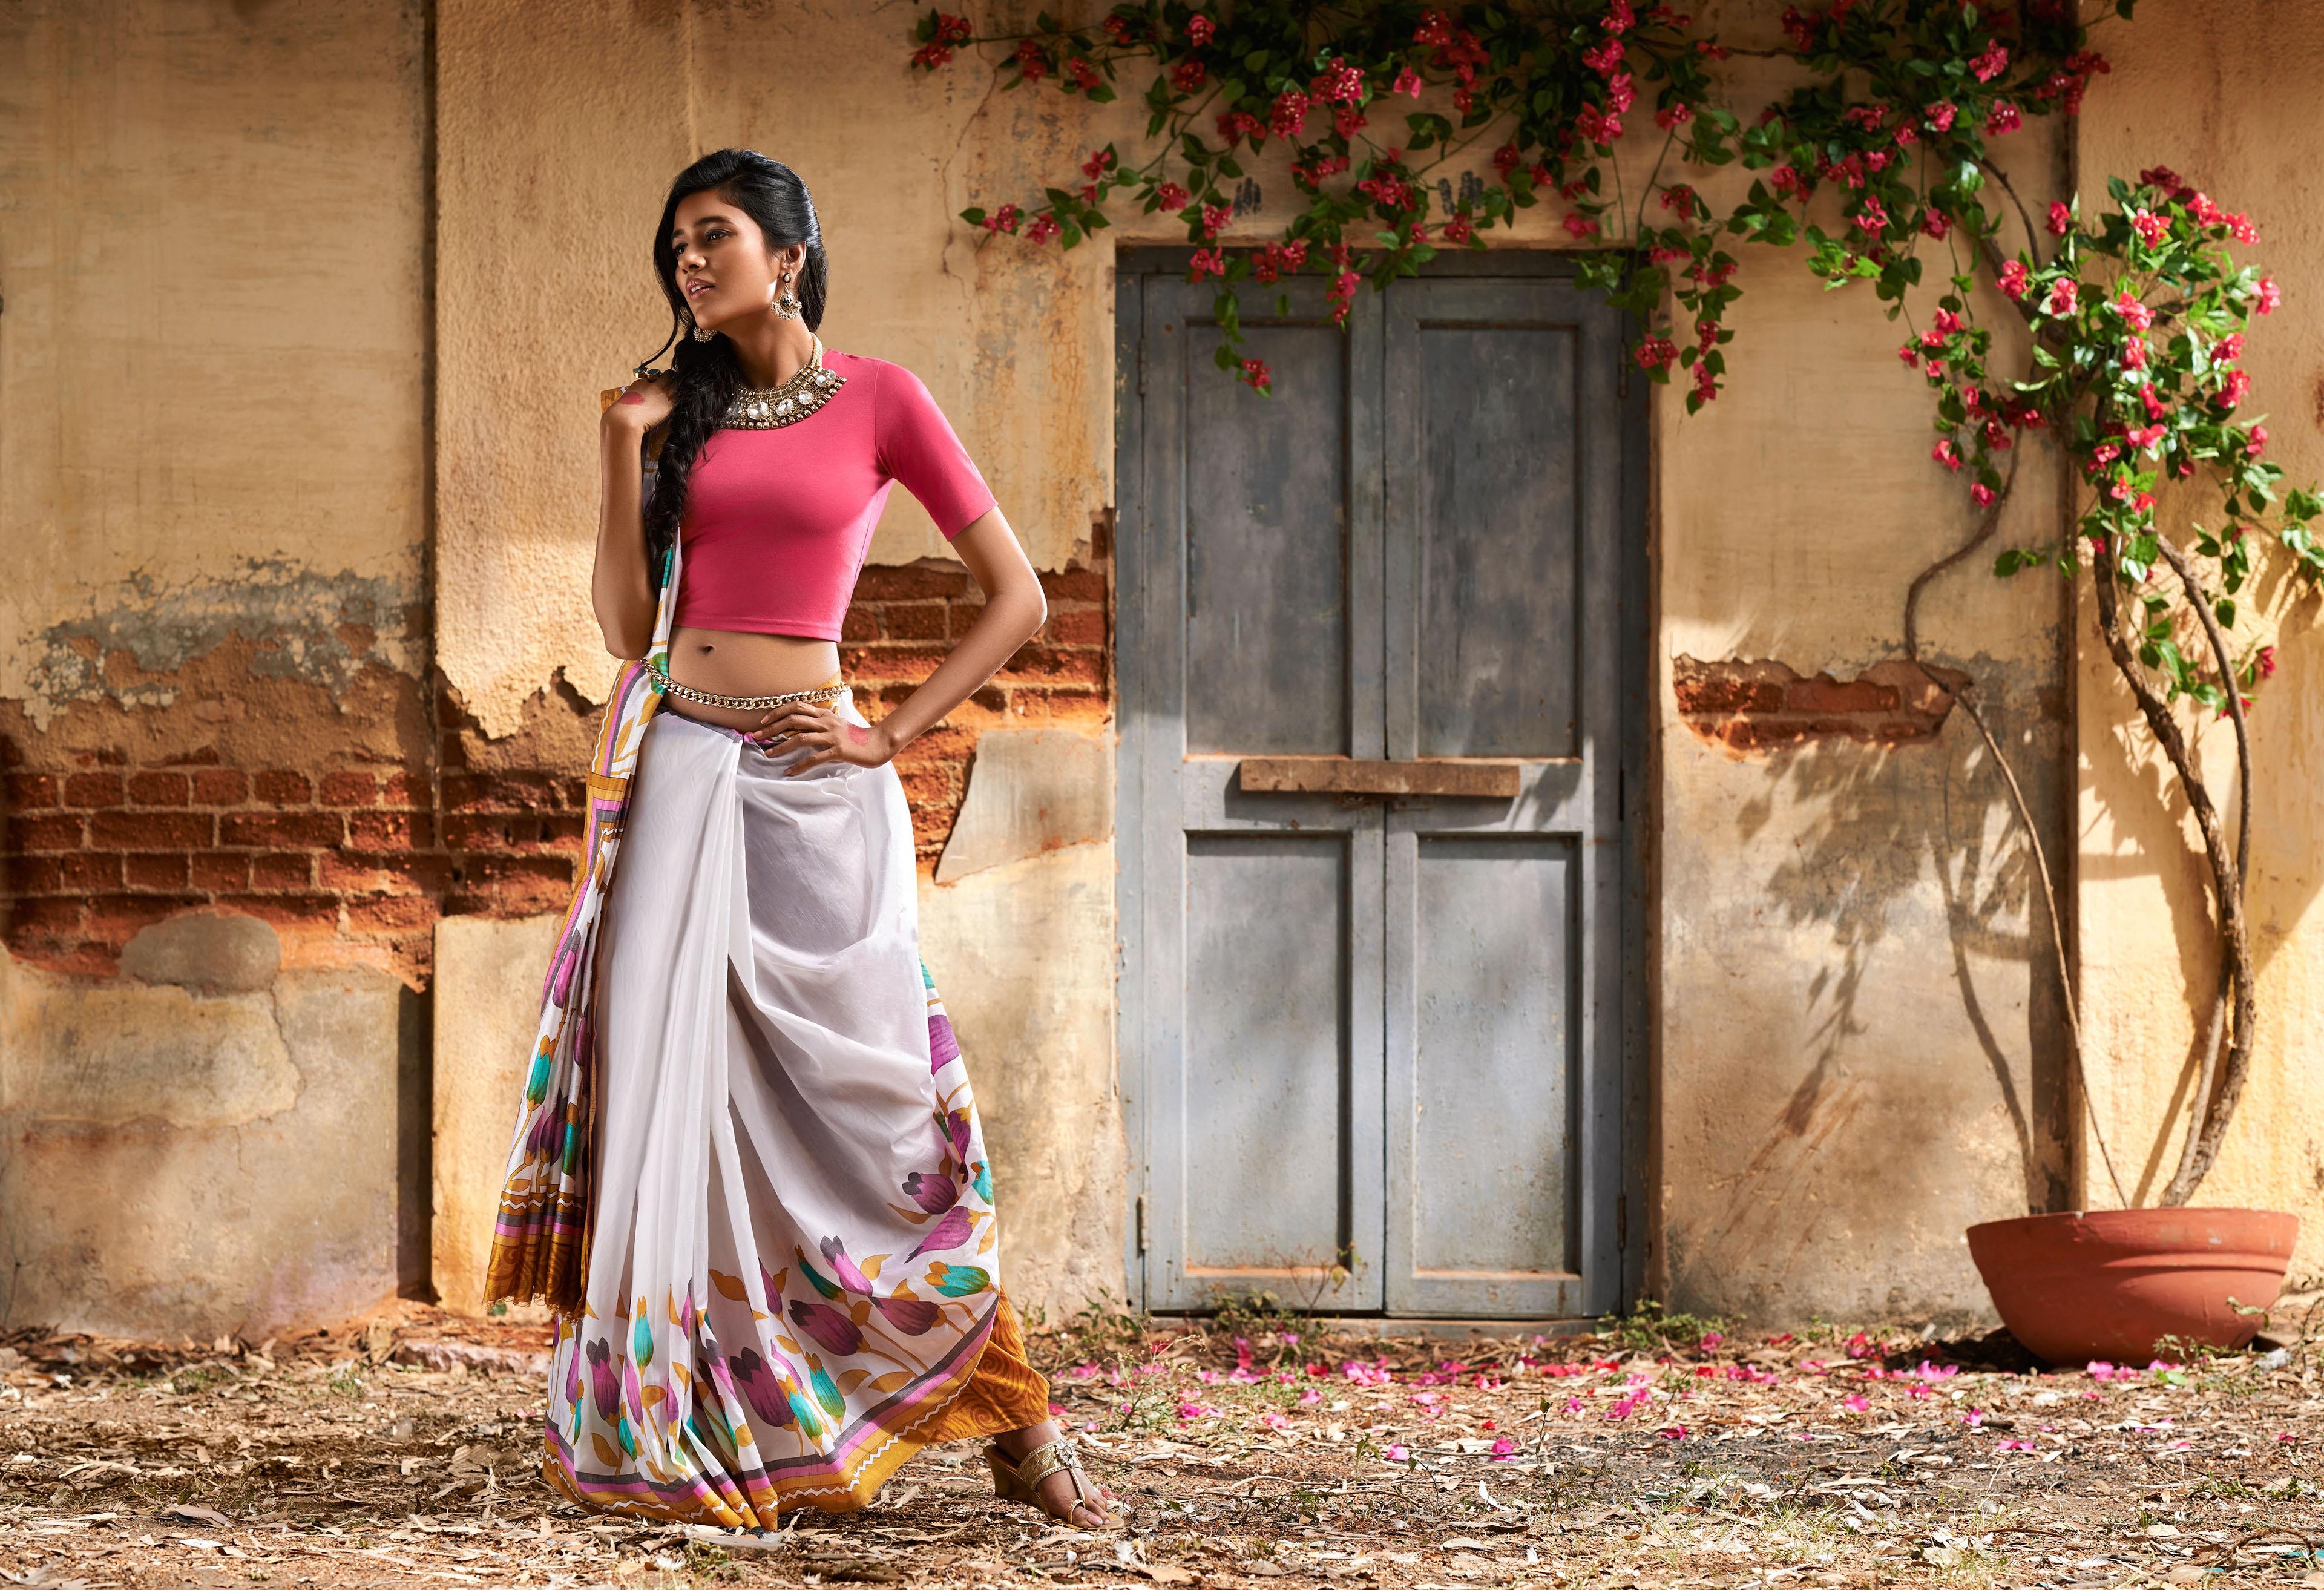 Long Hair Indian Woman Saree 3840x2627